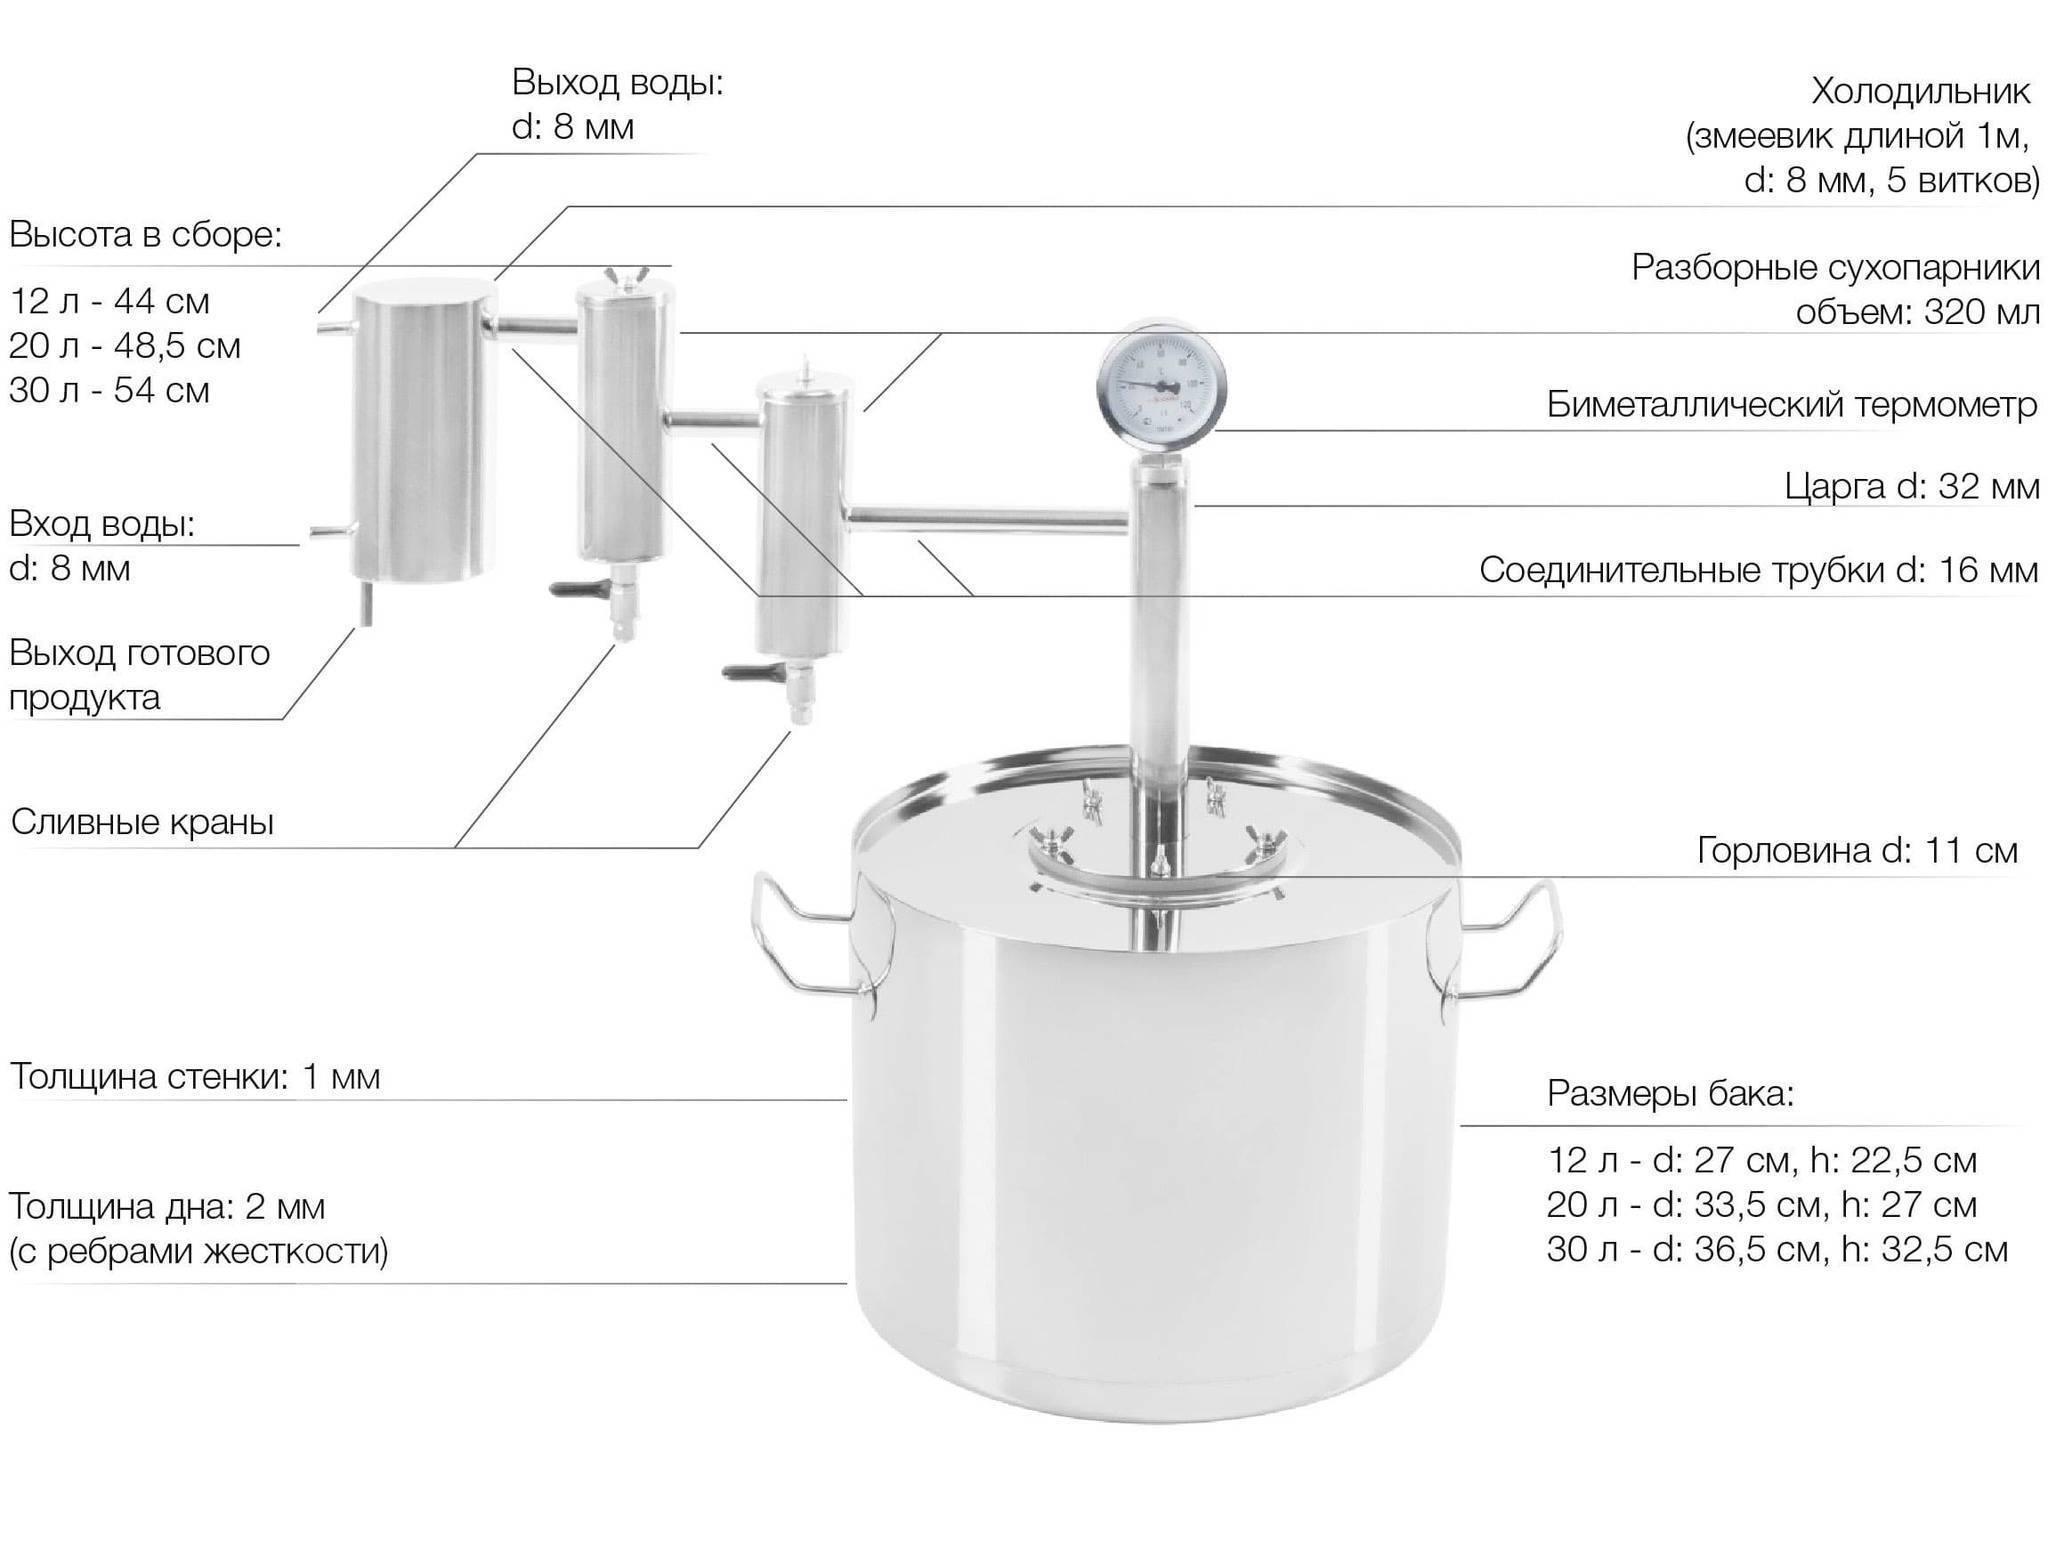 Самогонный аппарат «финляндия» – эталон устройств для приготовления домашнего алкоголя